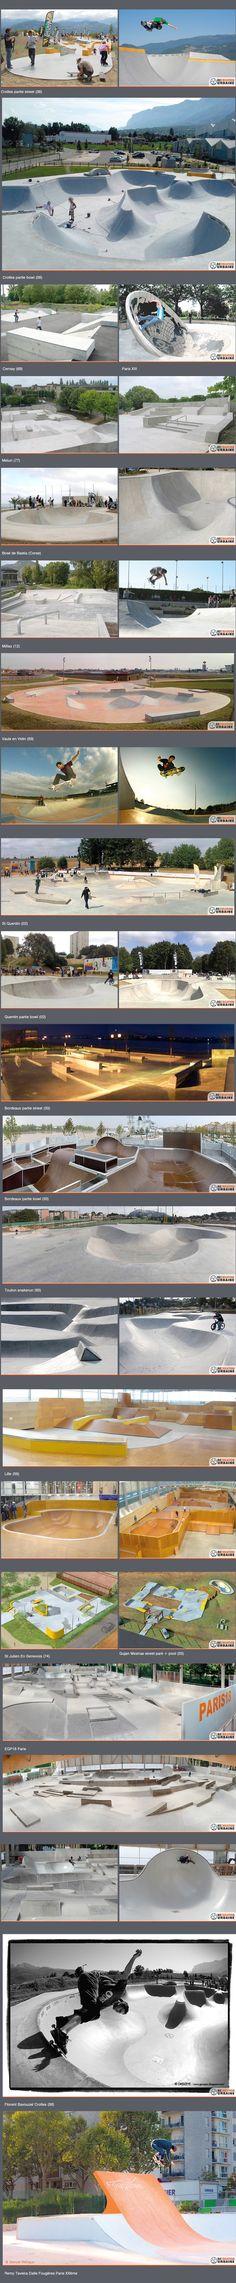 skatepark de récréation urbaine